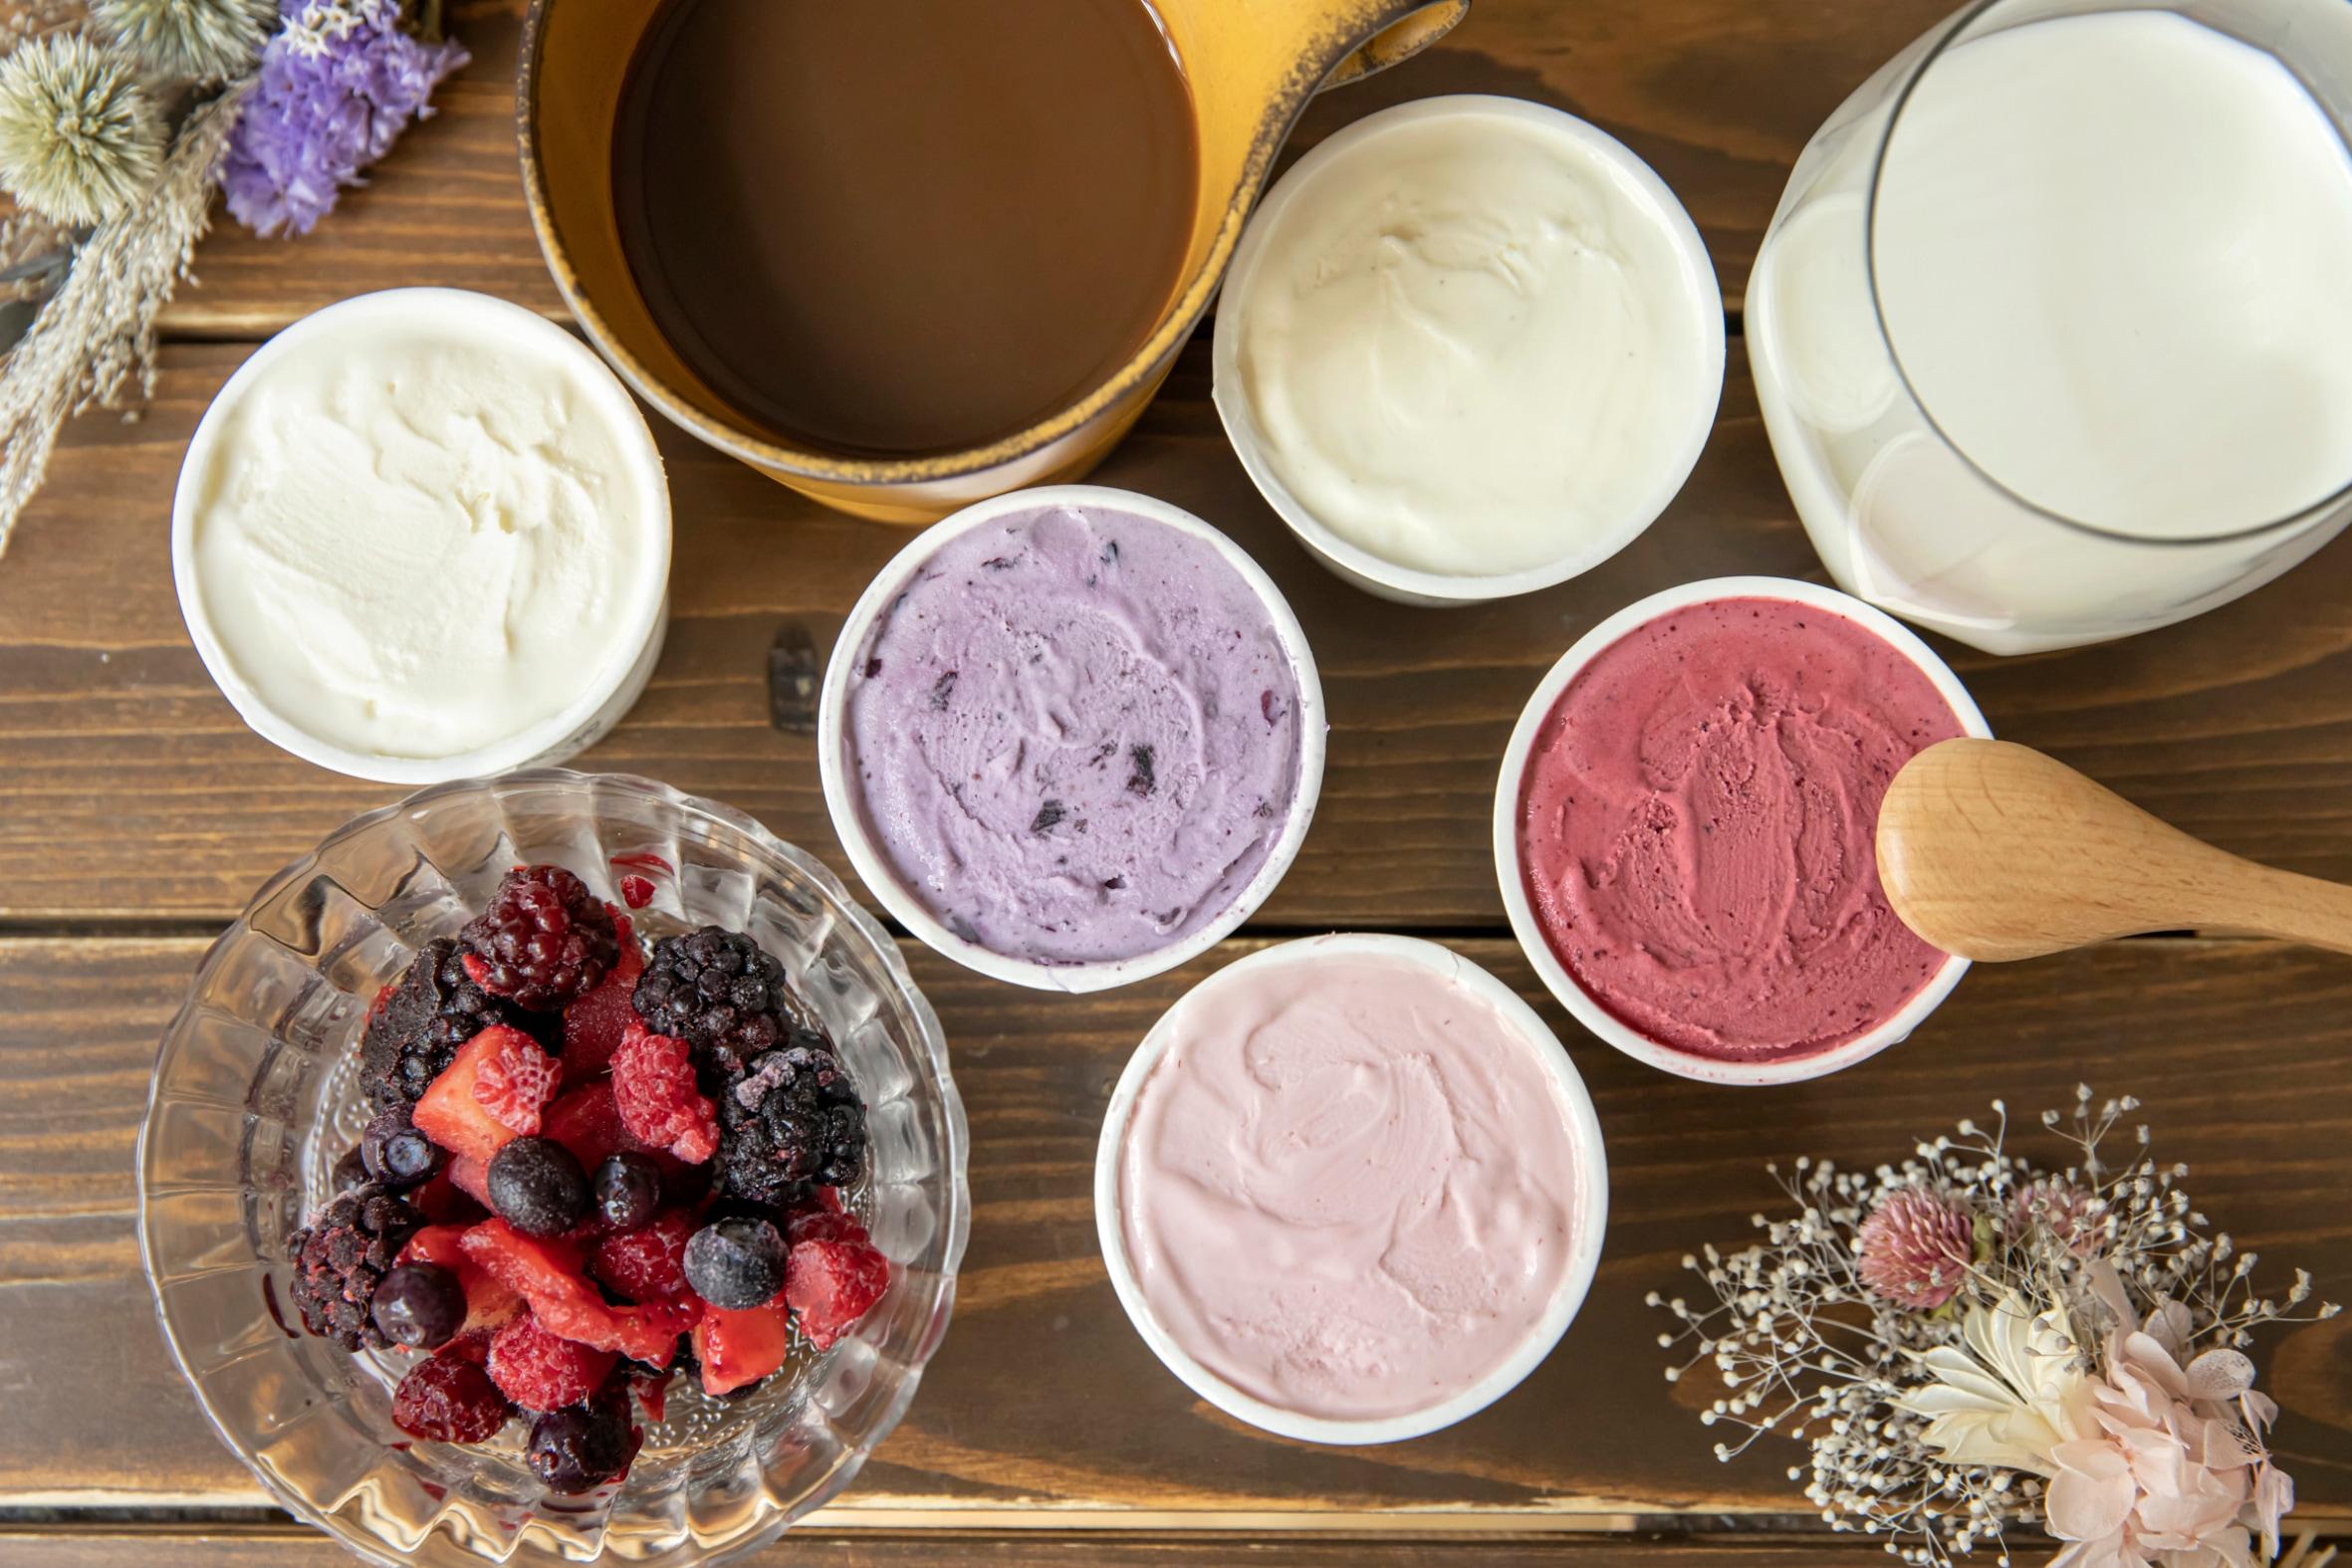 北大アイス5種類,HOKUDAI Clark's Milk アイスクリーム5個セット